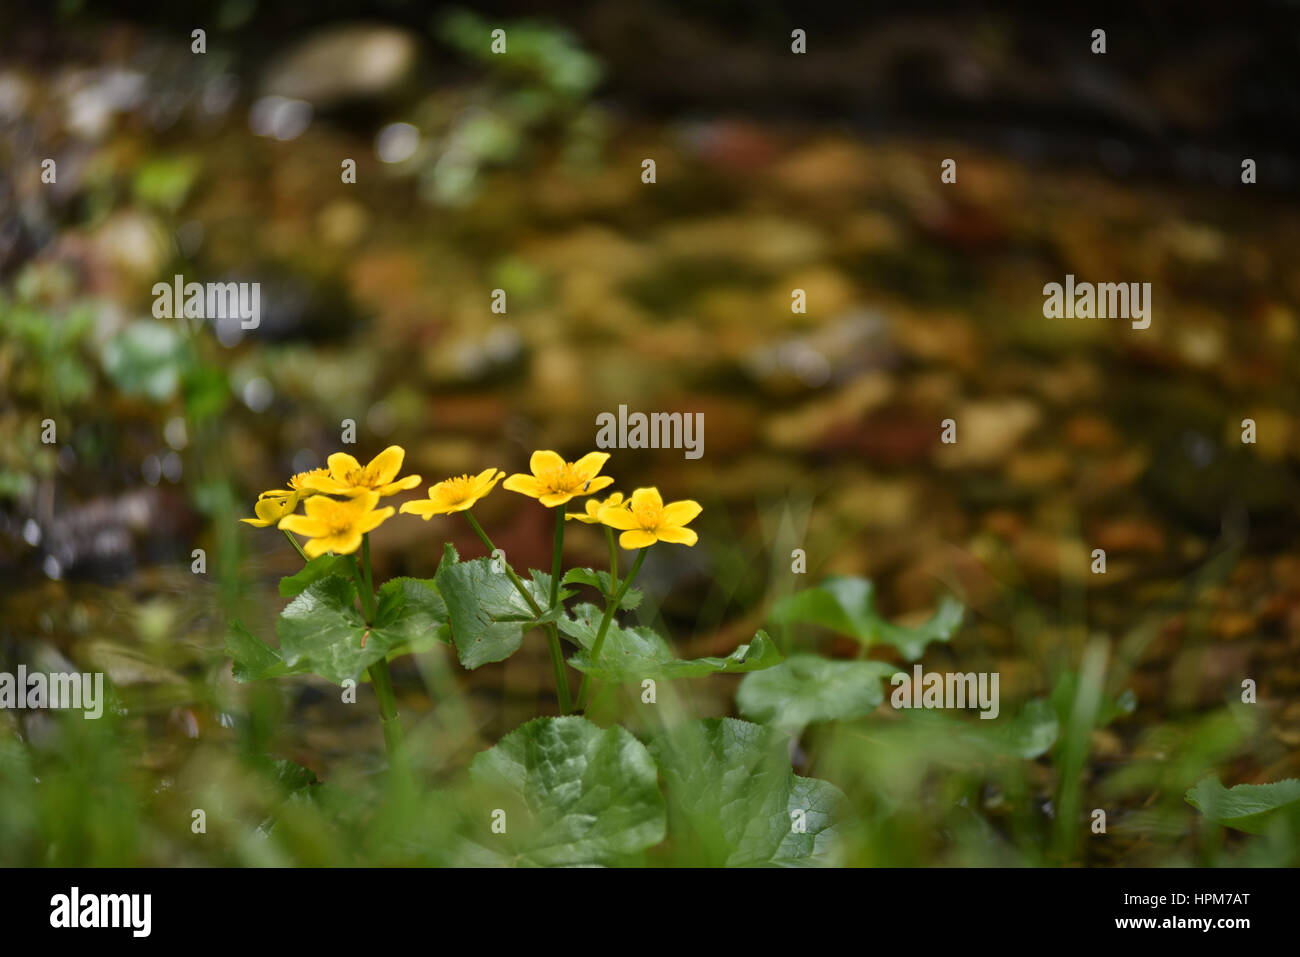 Yellow wildflowers near water stream stock photo 134439840 alamy yellow wildflowers near water stream mightylinksfo